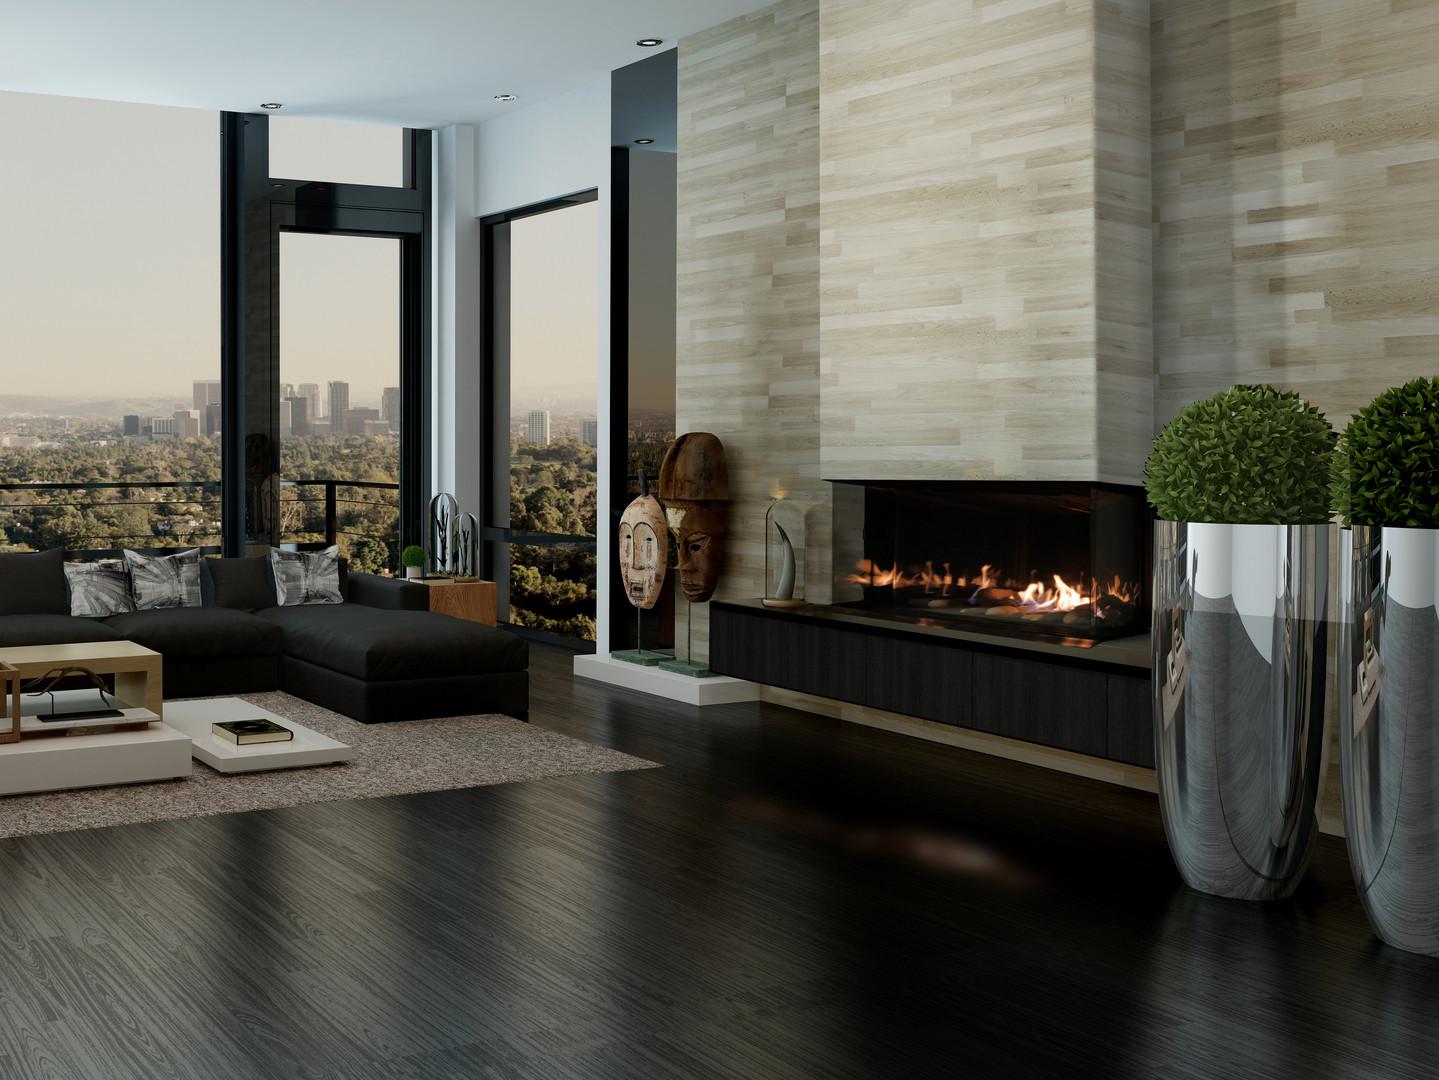 Galaxy 48 Gas Fireplace